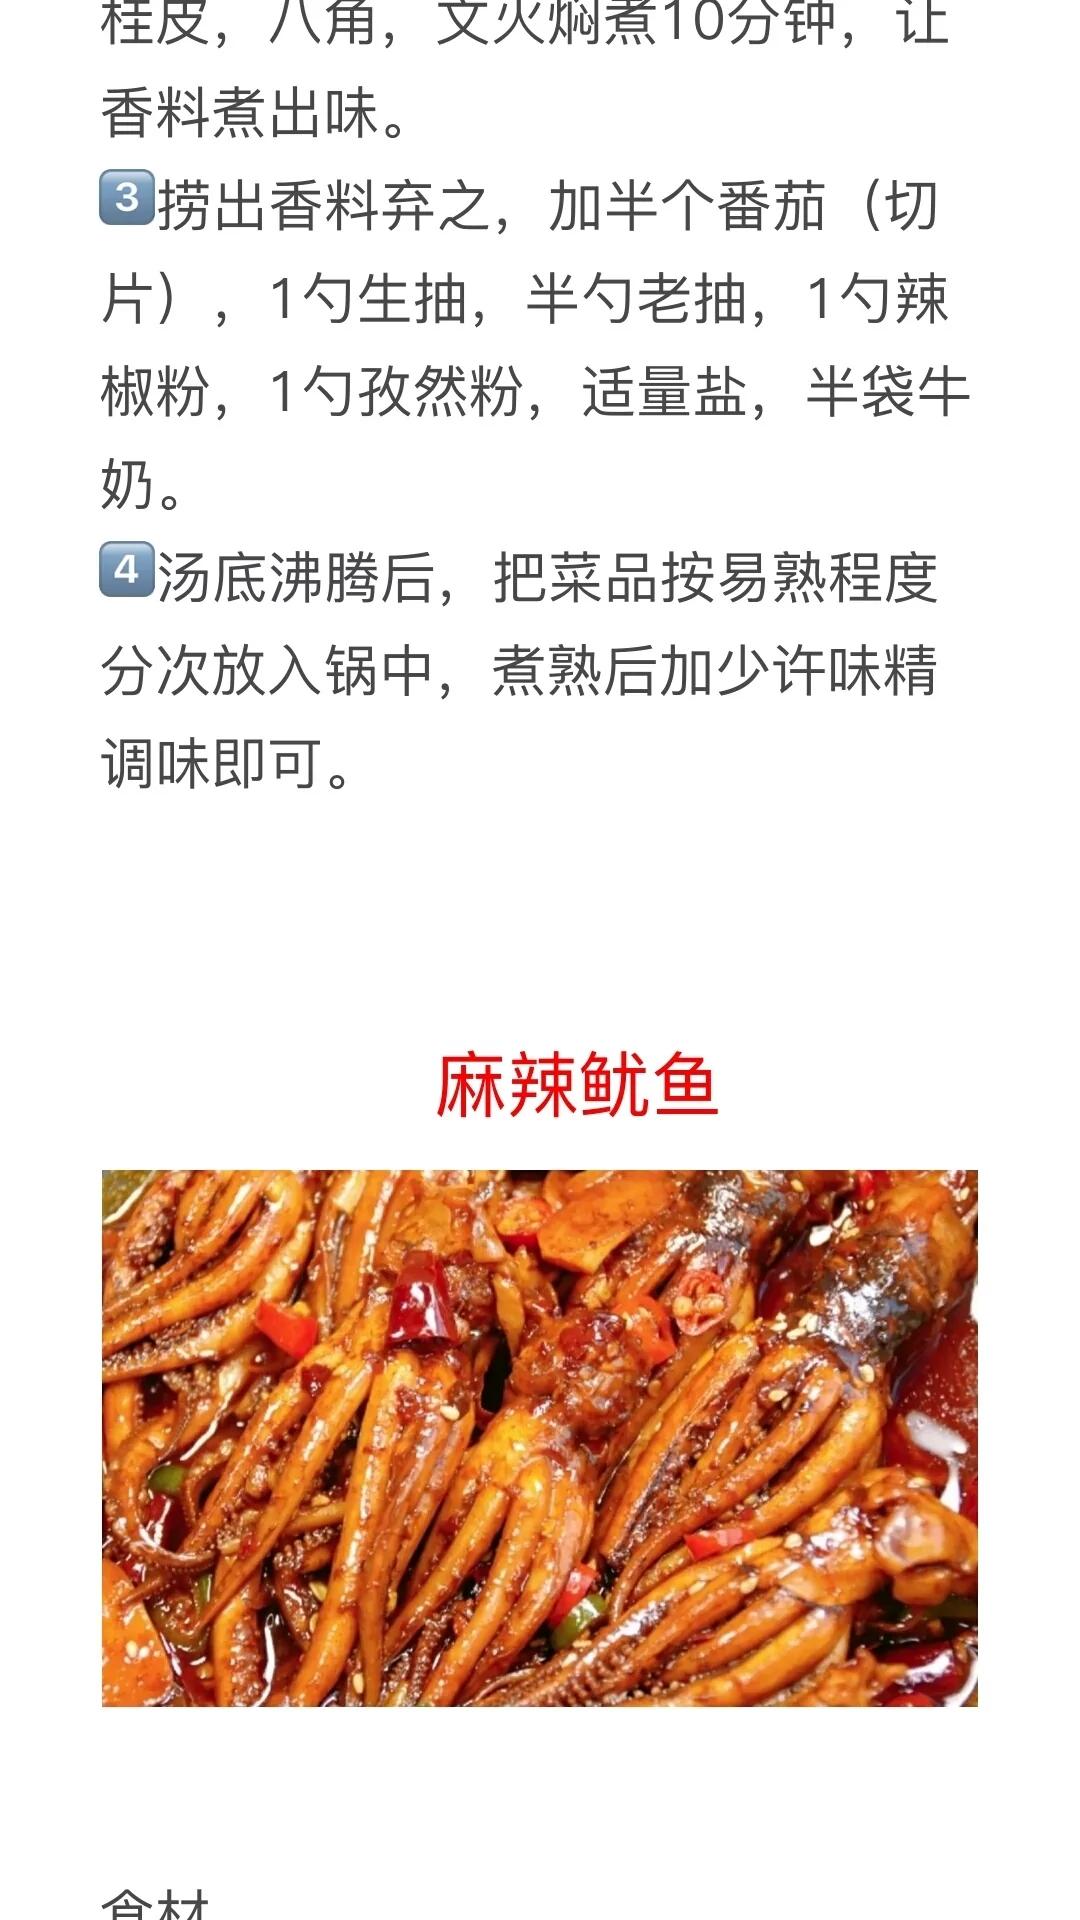 麻辣口味菜做法及配料 美食做法 第19张